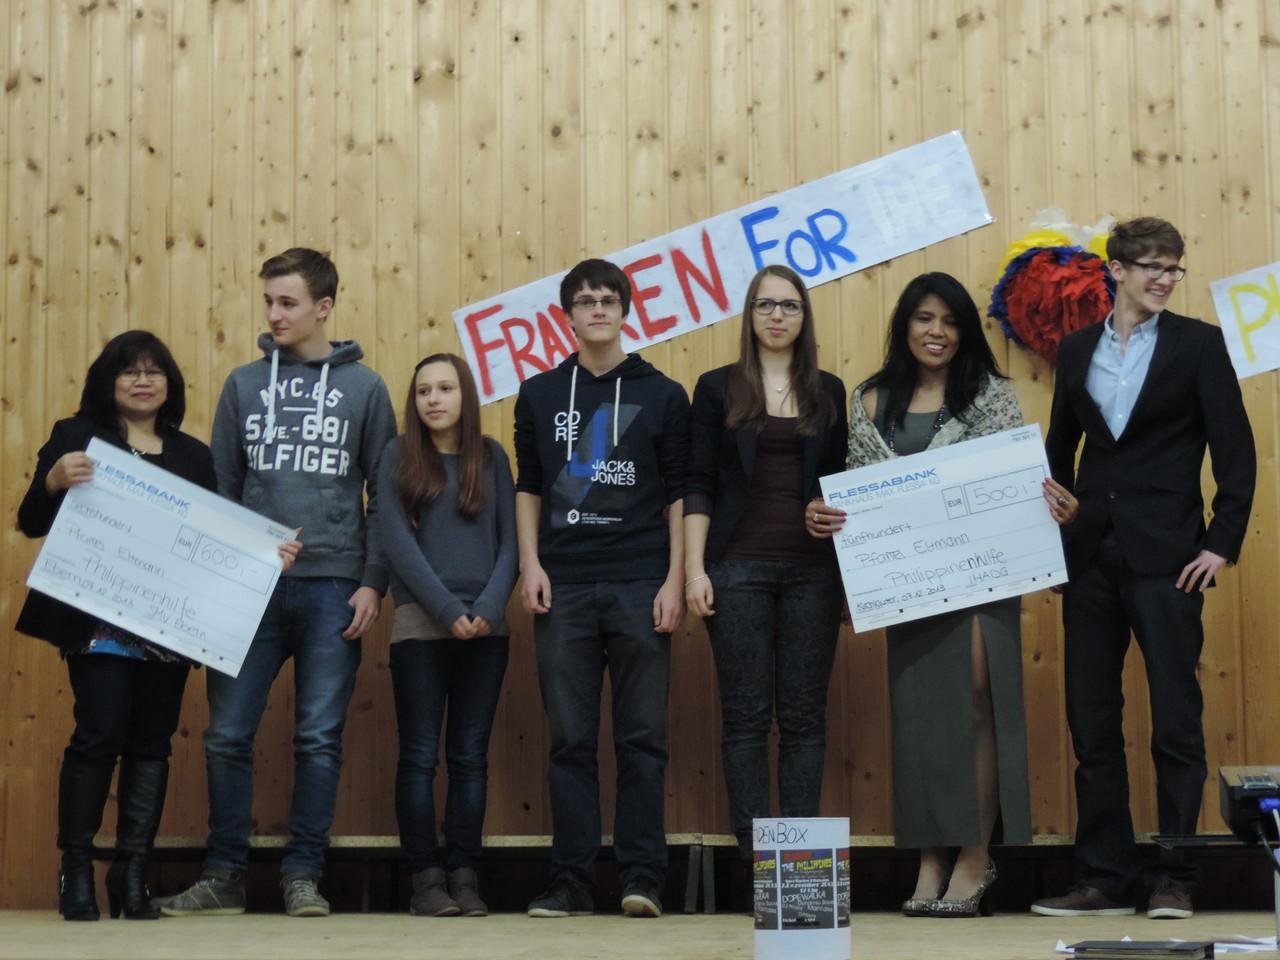 Zusammen mit der Schülermitverwaltung (SMV) des Eberner Friedrich-Rückert-Gymnasiums überreichten wir mehr als 1000 € an die Veranstalter